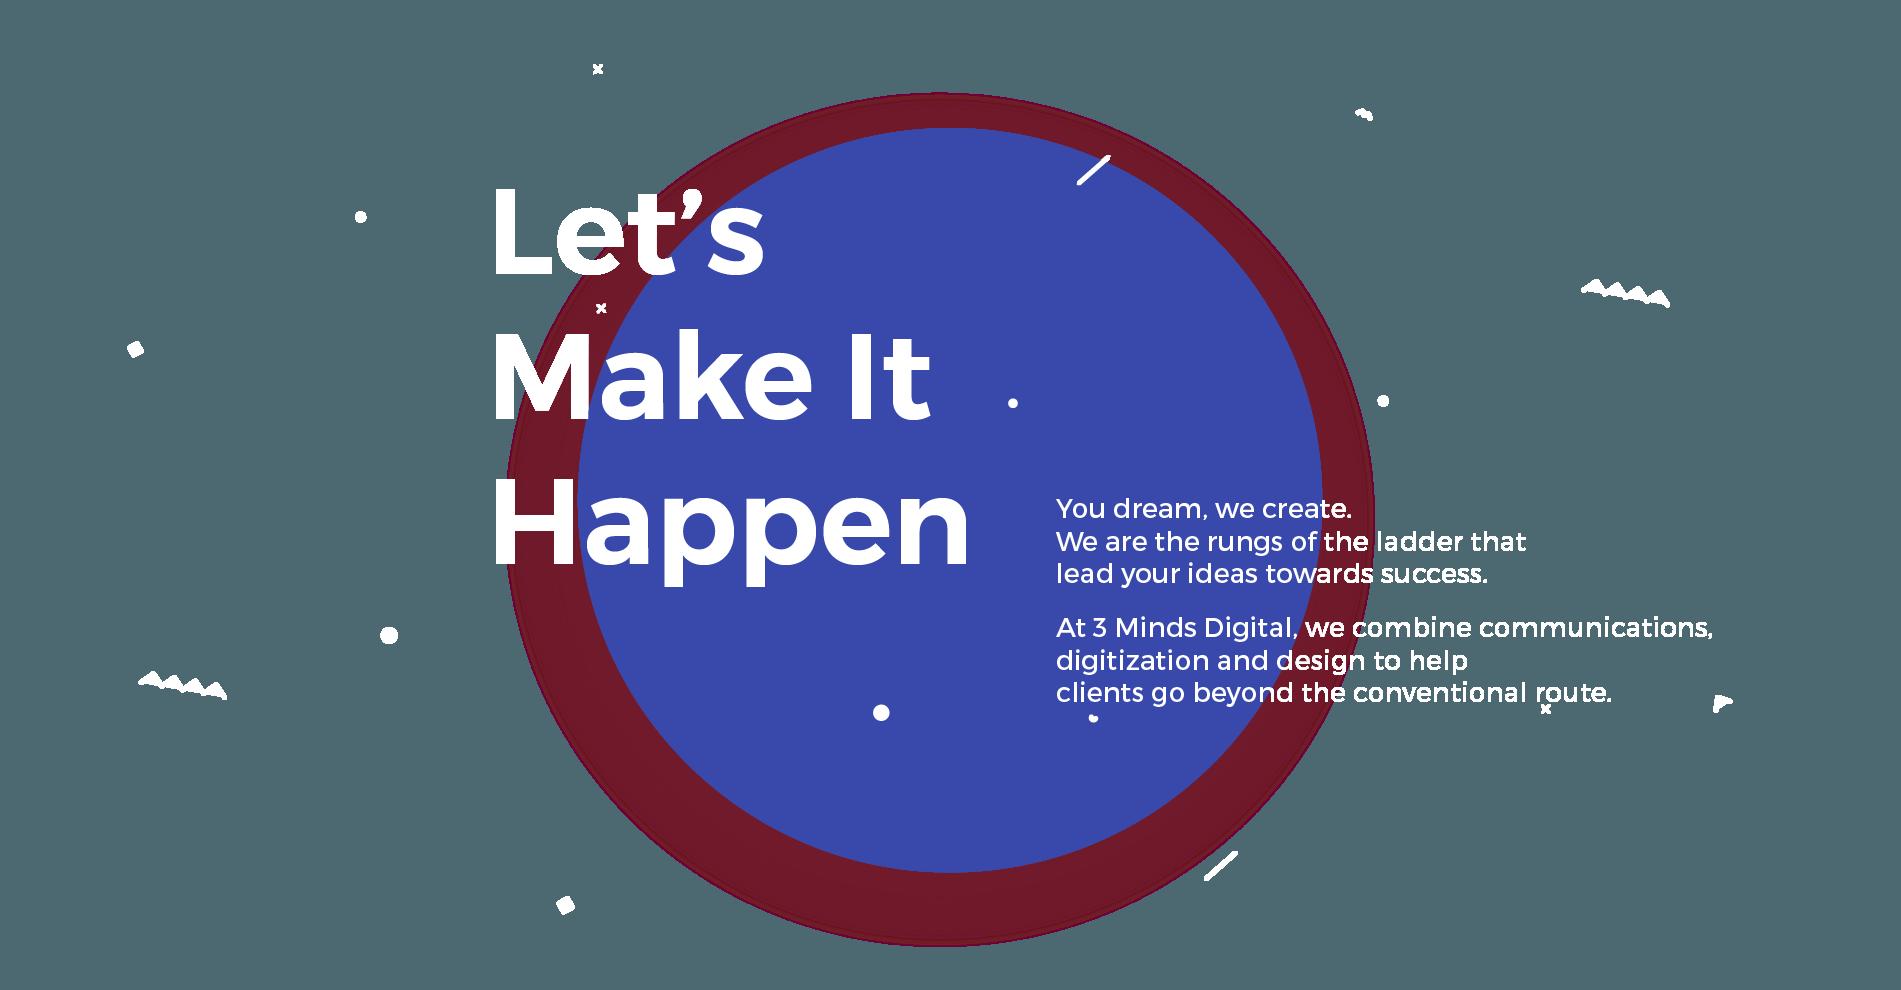 Lets make it happen